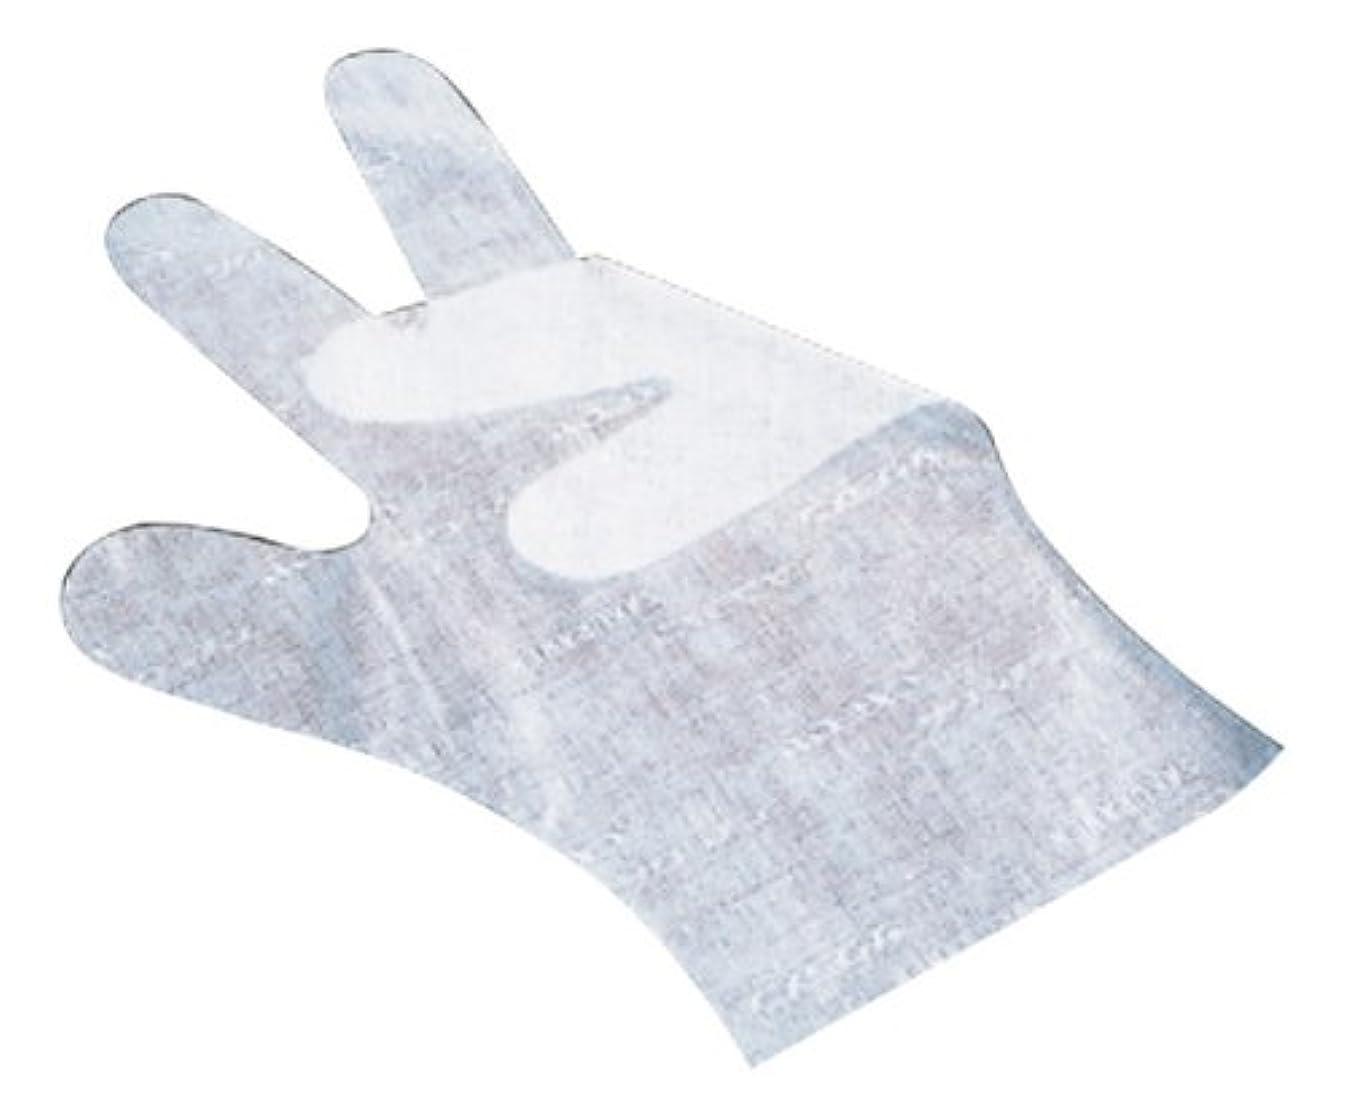 作成するジャンピングジャックコーンウォールサクラメン手袋 デラックス(100枚入)L ホワイト 35μ